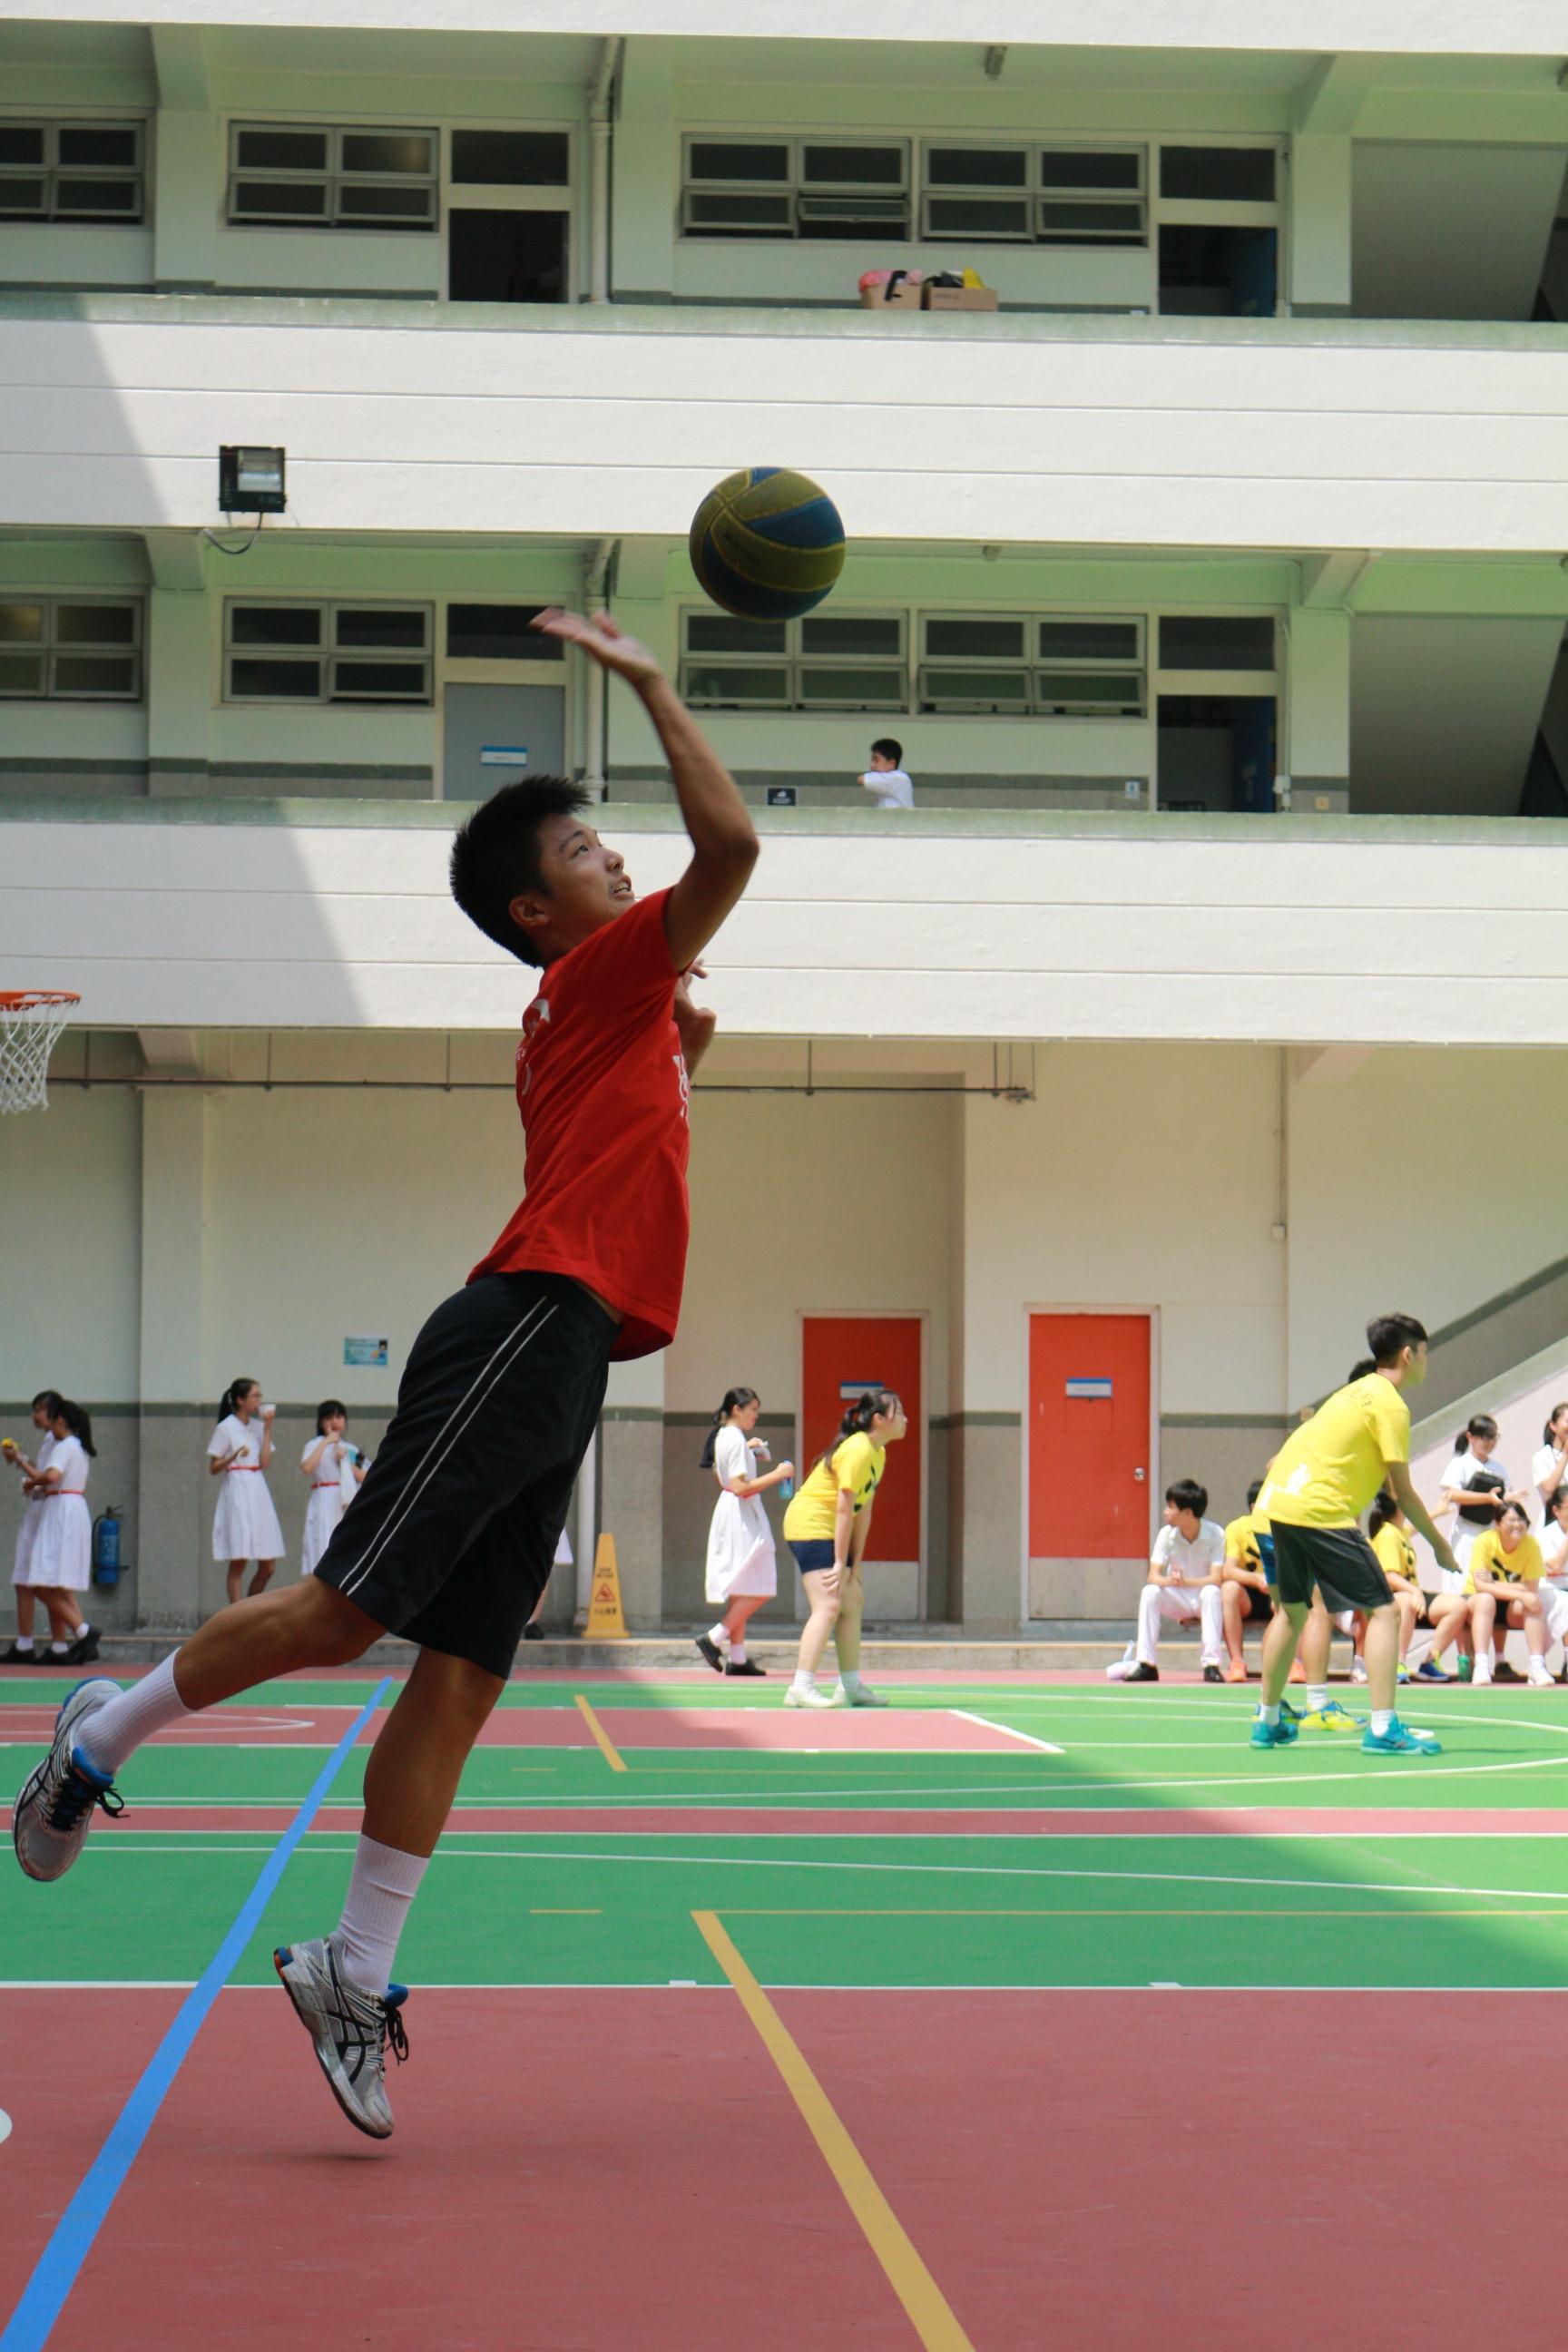 Fan Chun Yin